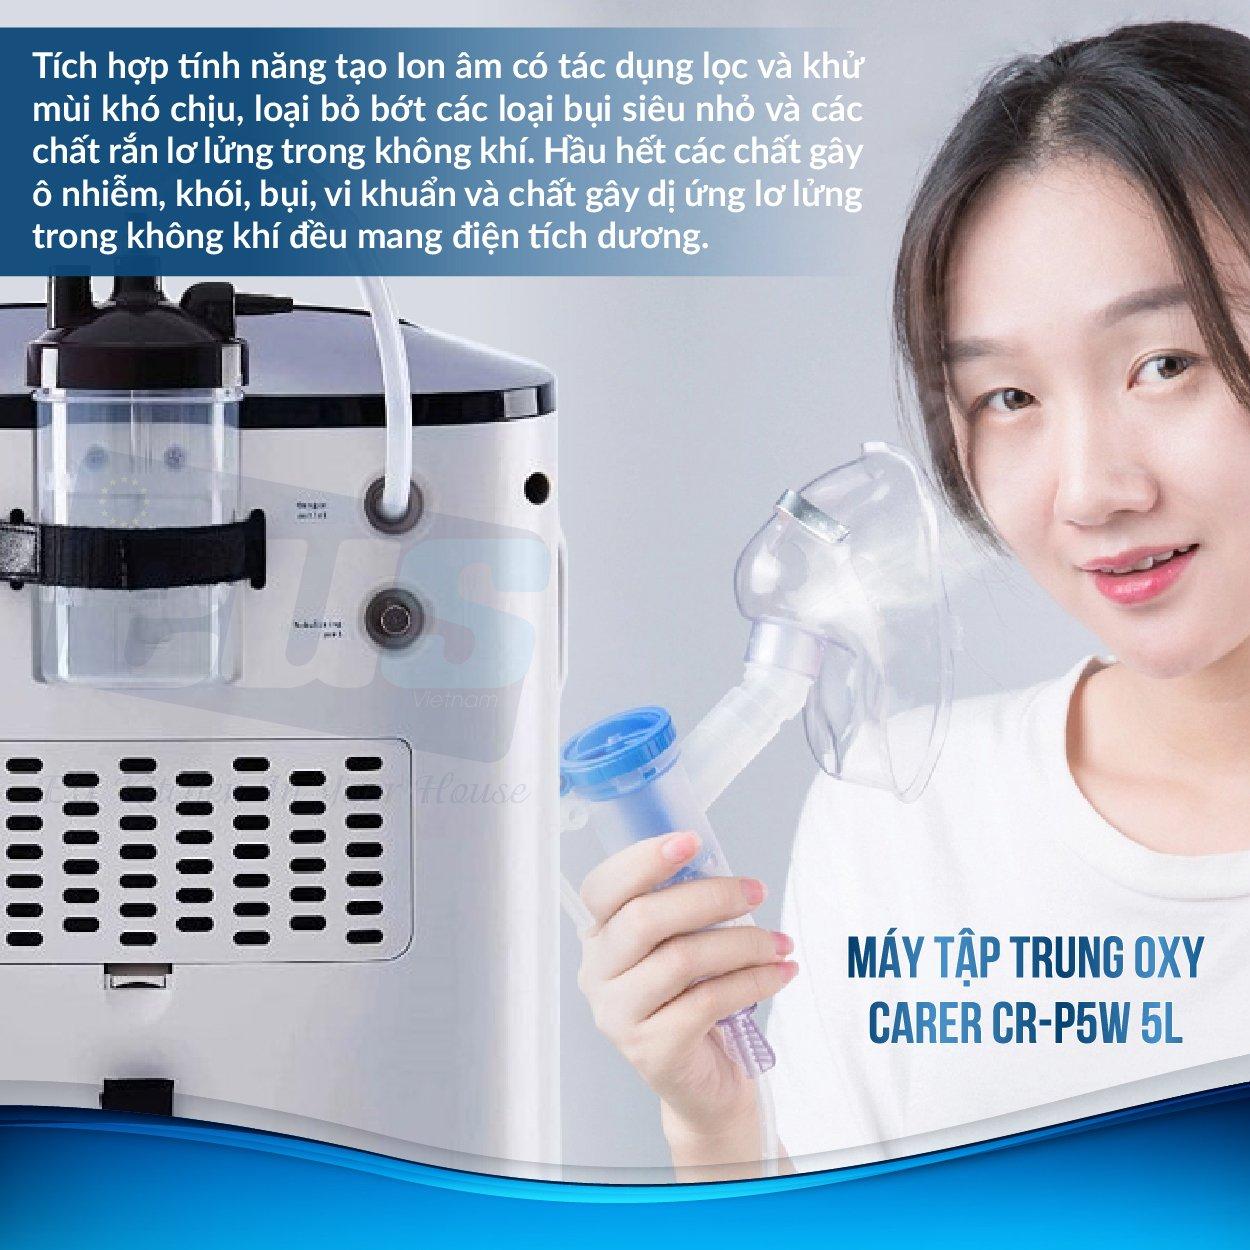 Máy có chức năng tạo ion âm giúp lọc và khử mùi khó chịu